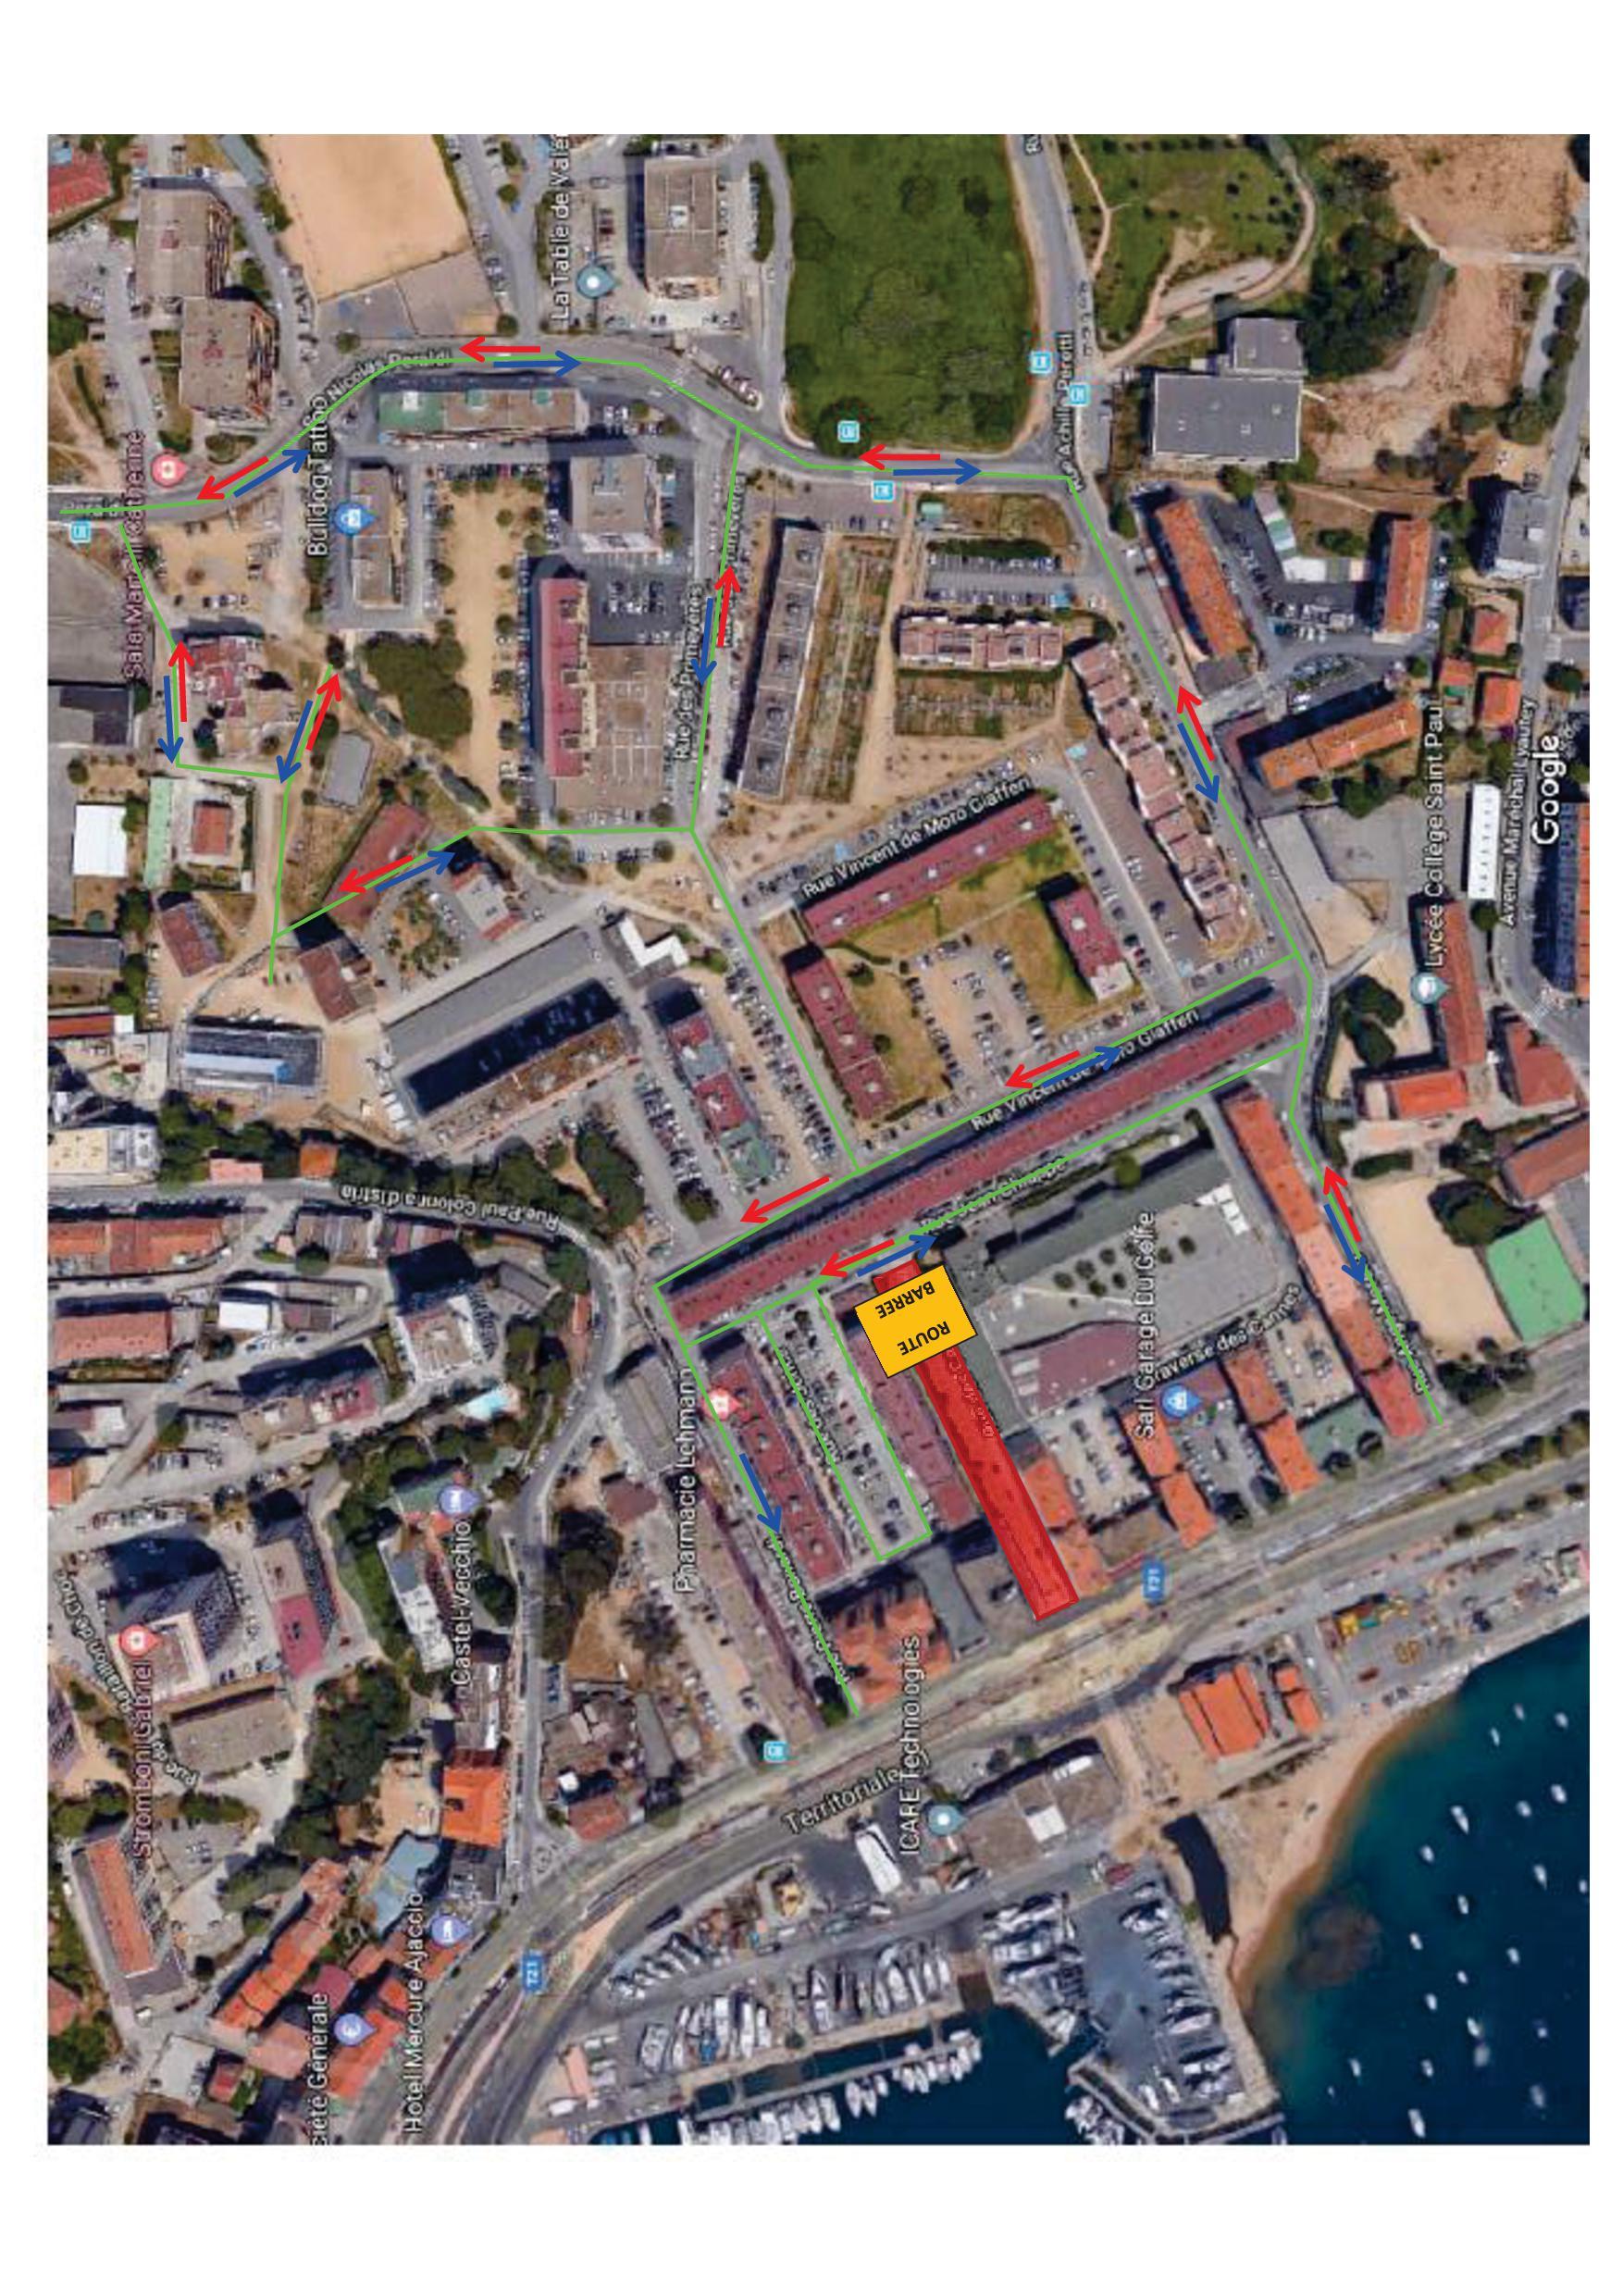 """Plan de Circulation temporaire aux Cannes - Décembre 2018 - """"Travaux de requalification Cannes-Salines"""""""